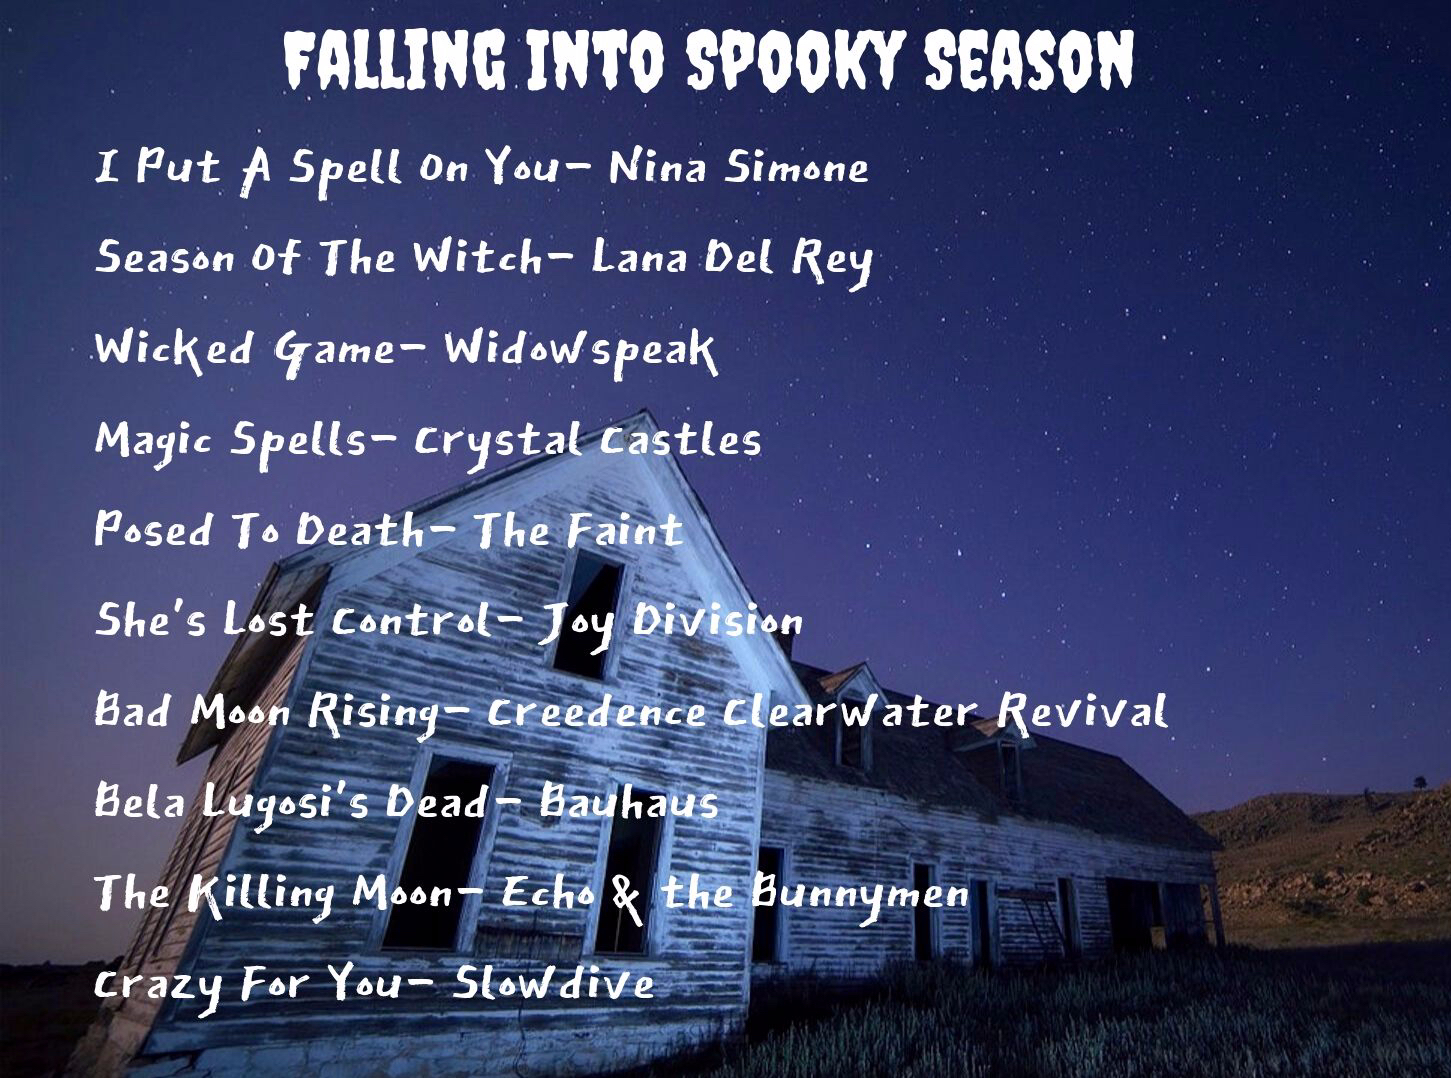 Falling Into Spooky Season